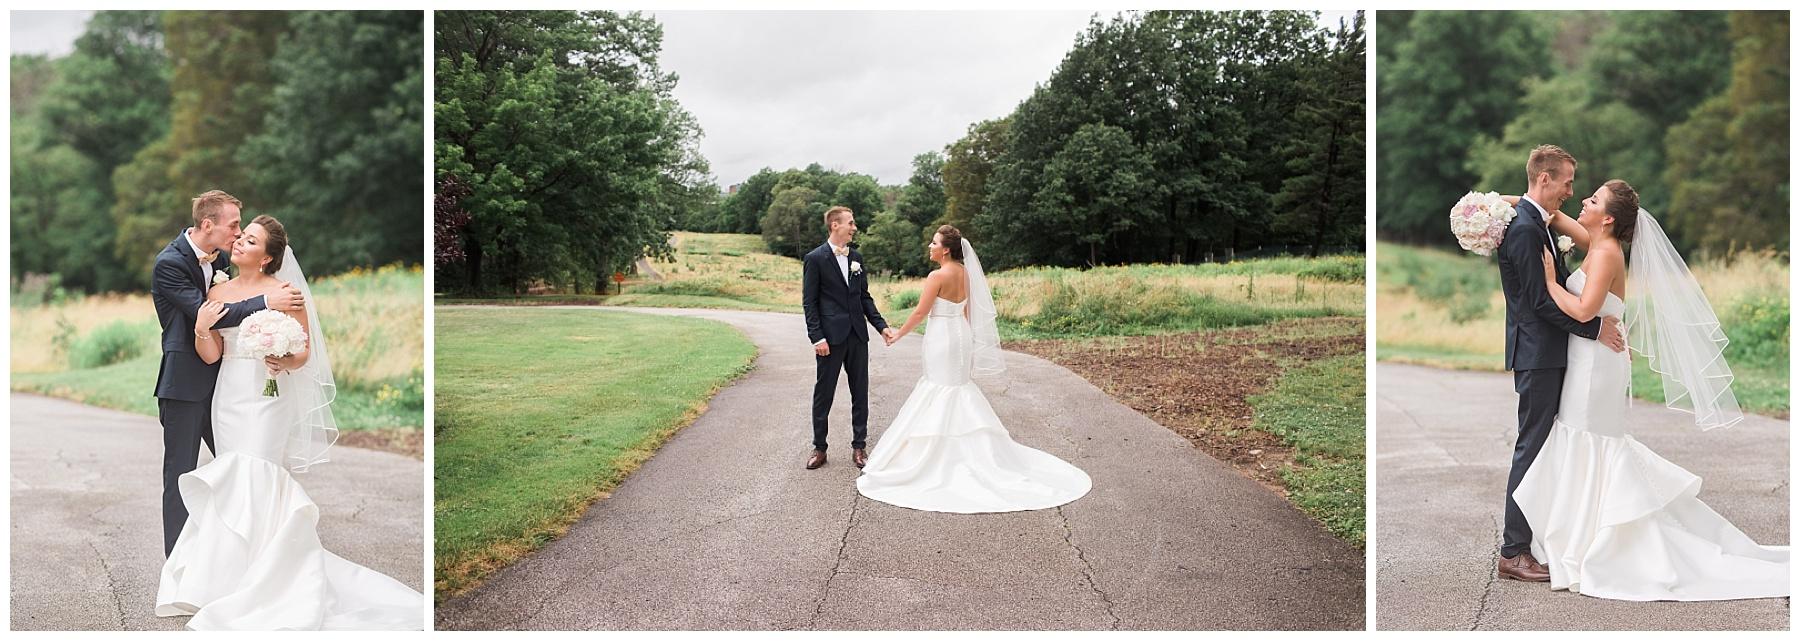 Acacia Reservation Wedding_Cleveland Wedding_LARweddings